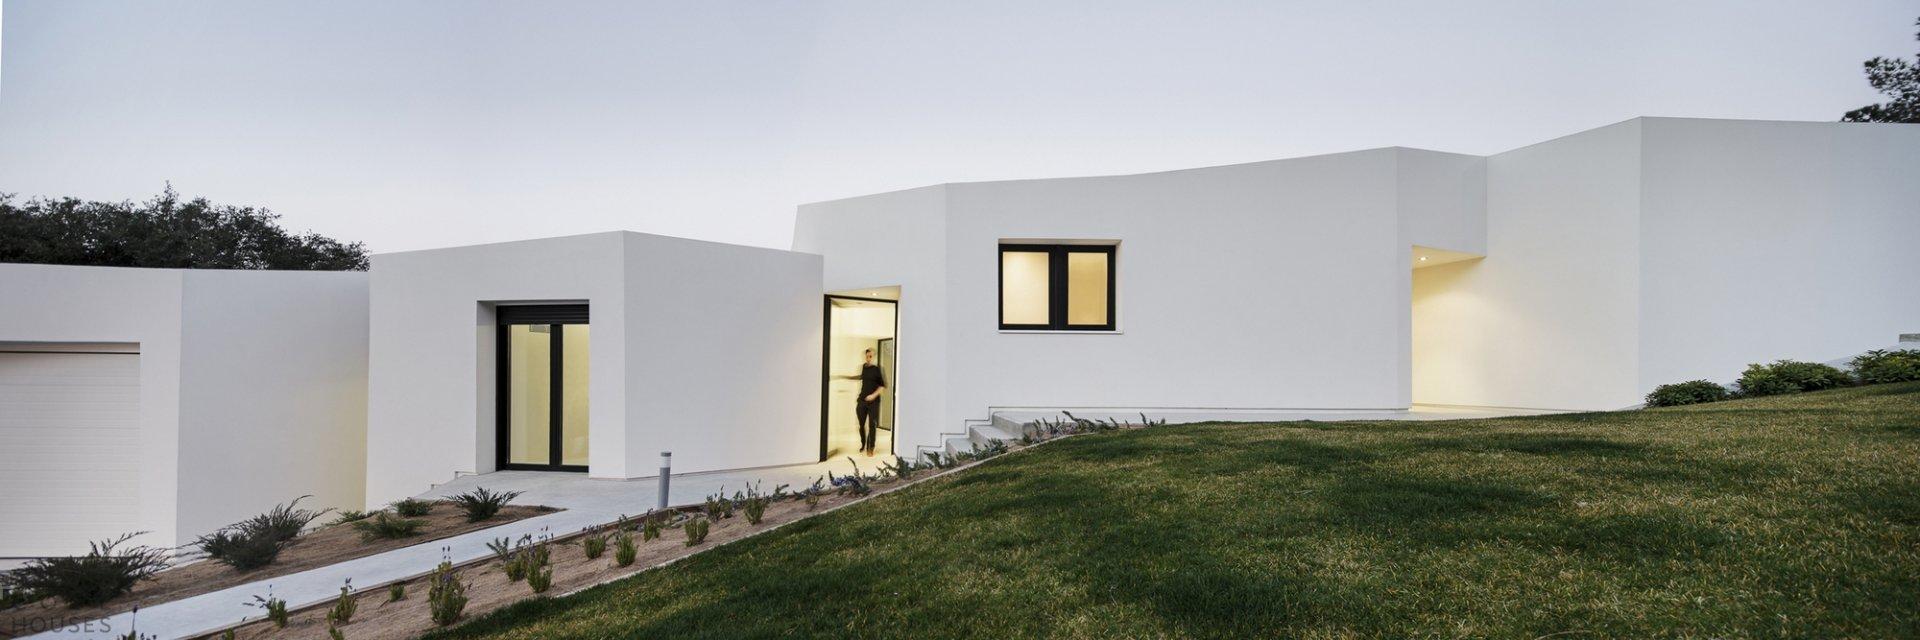 dom-v-stile-minimalizm-v-barselone-italiya-3.jpg